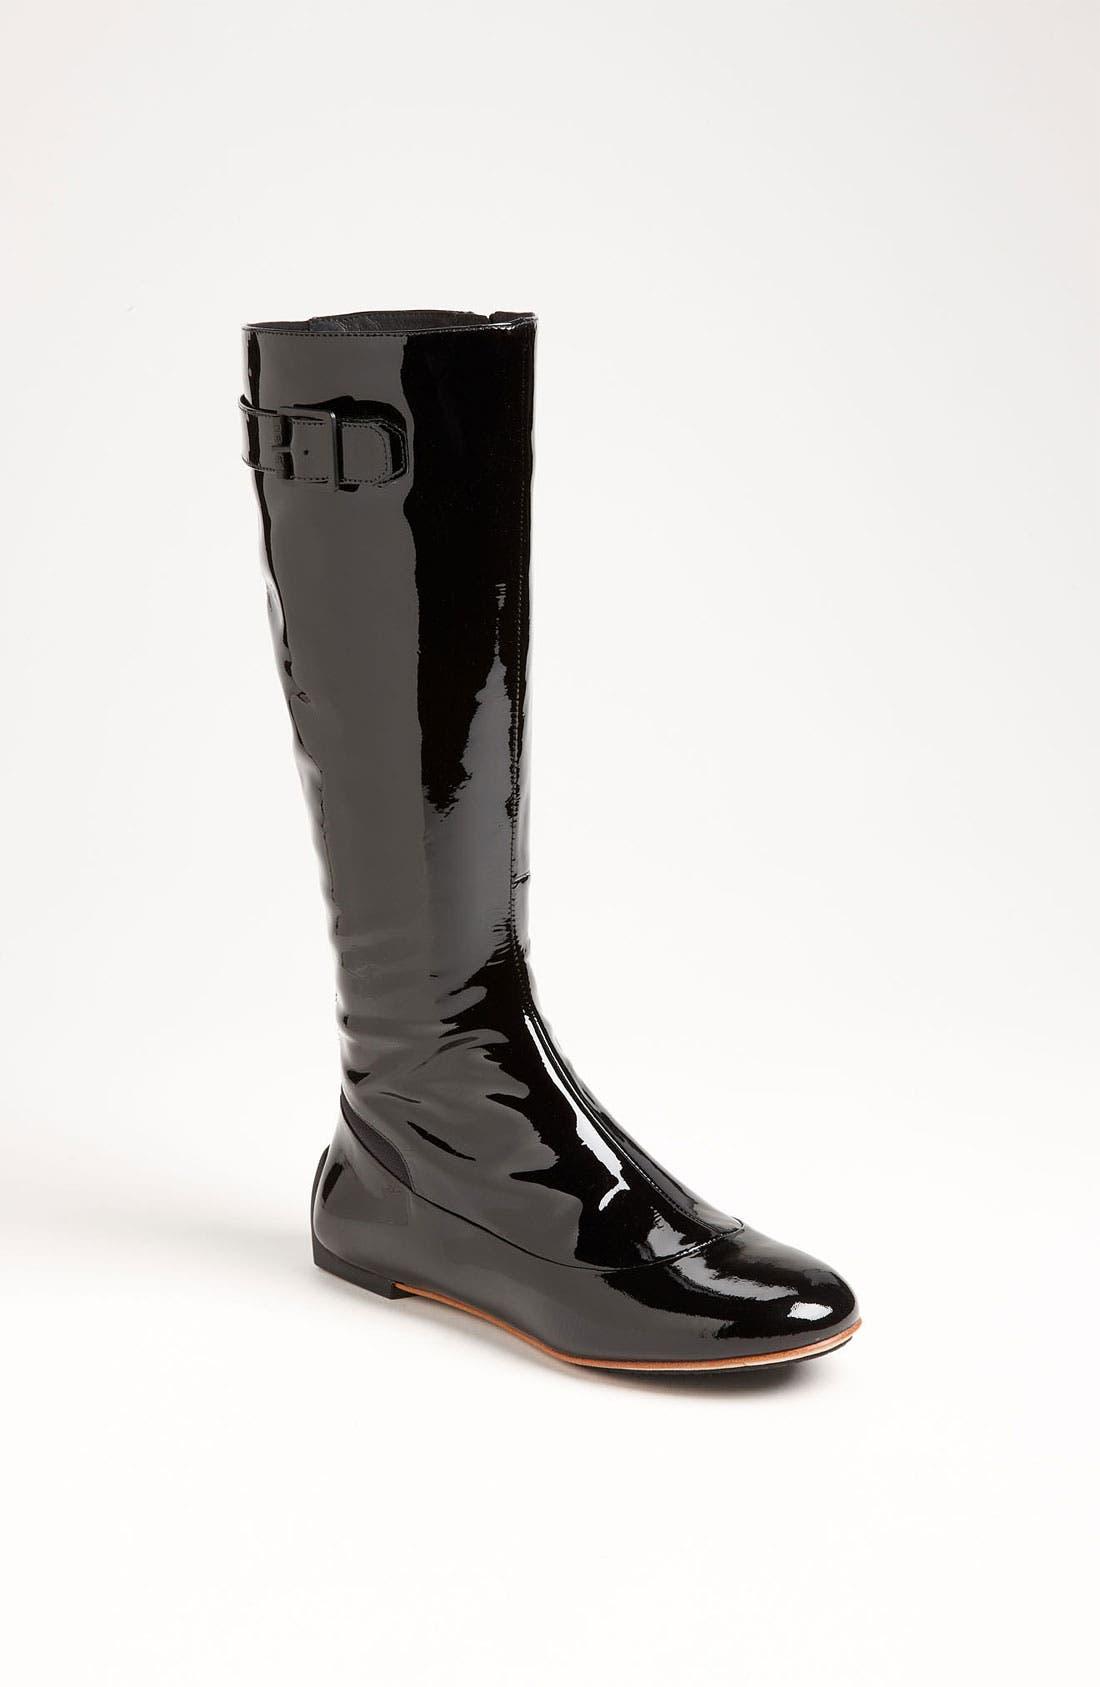 Main Image - Tsubo 'Meroe' Boot